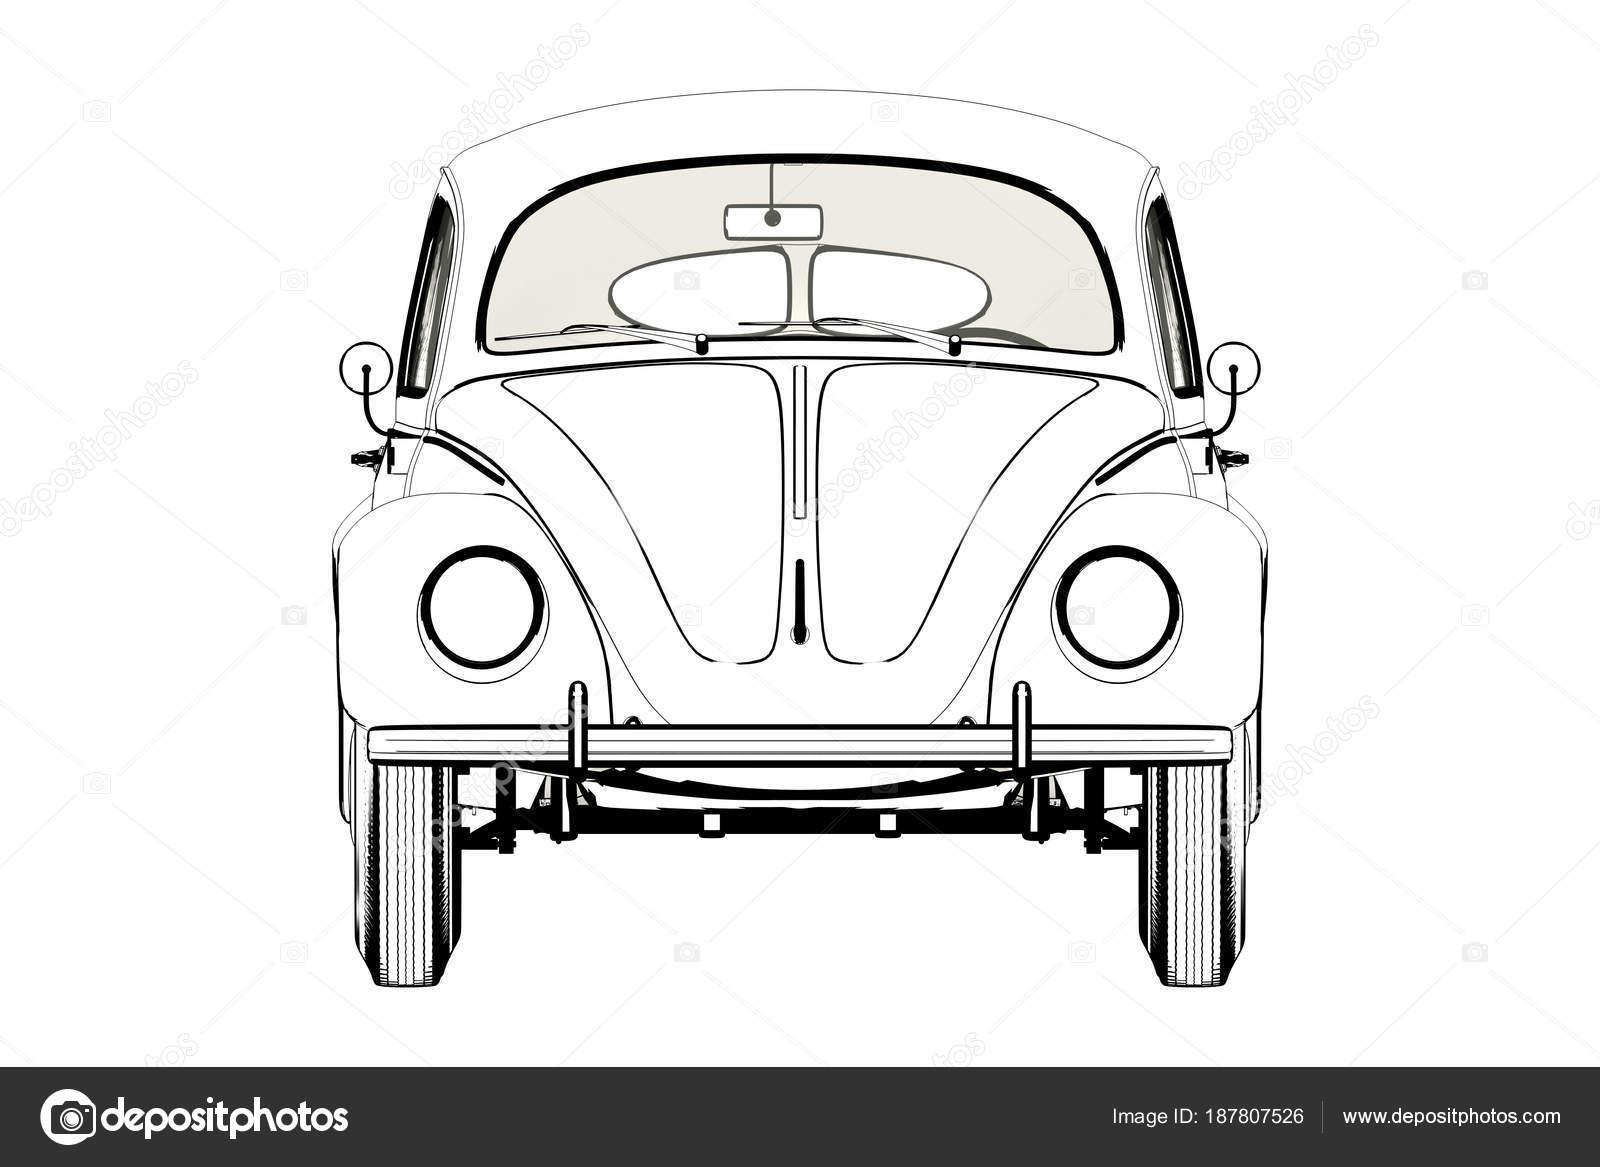 Desenho De Fusca: Afeiçoes Carro Wolksvagen Fusca Sketch. Ilustração 3D